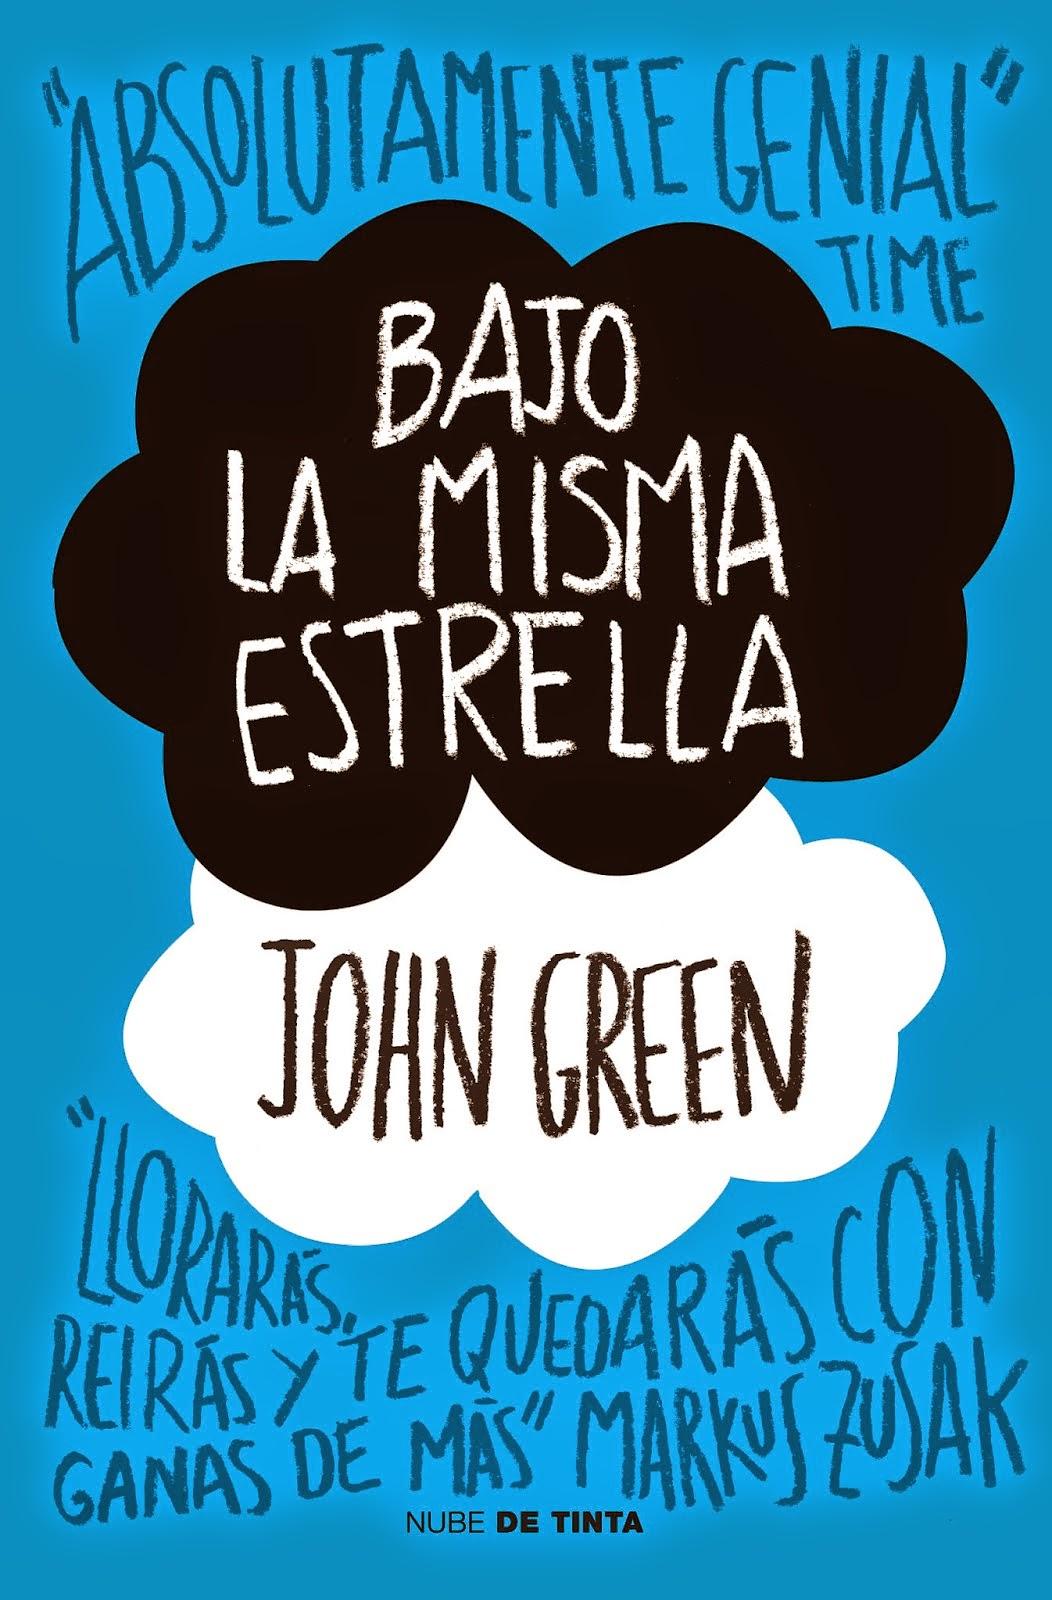 http://inspiradoenlibros.blogspot.com/2014/07/bajolamismaestrella-johngreen.html